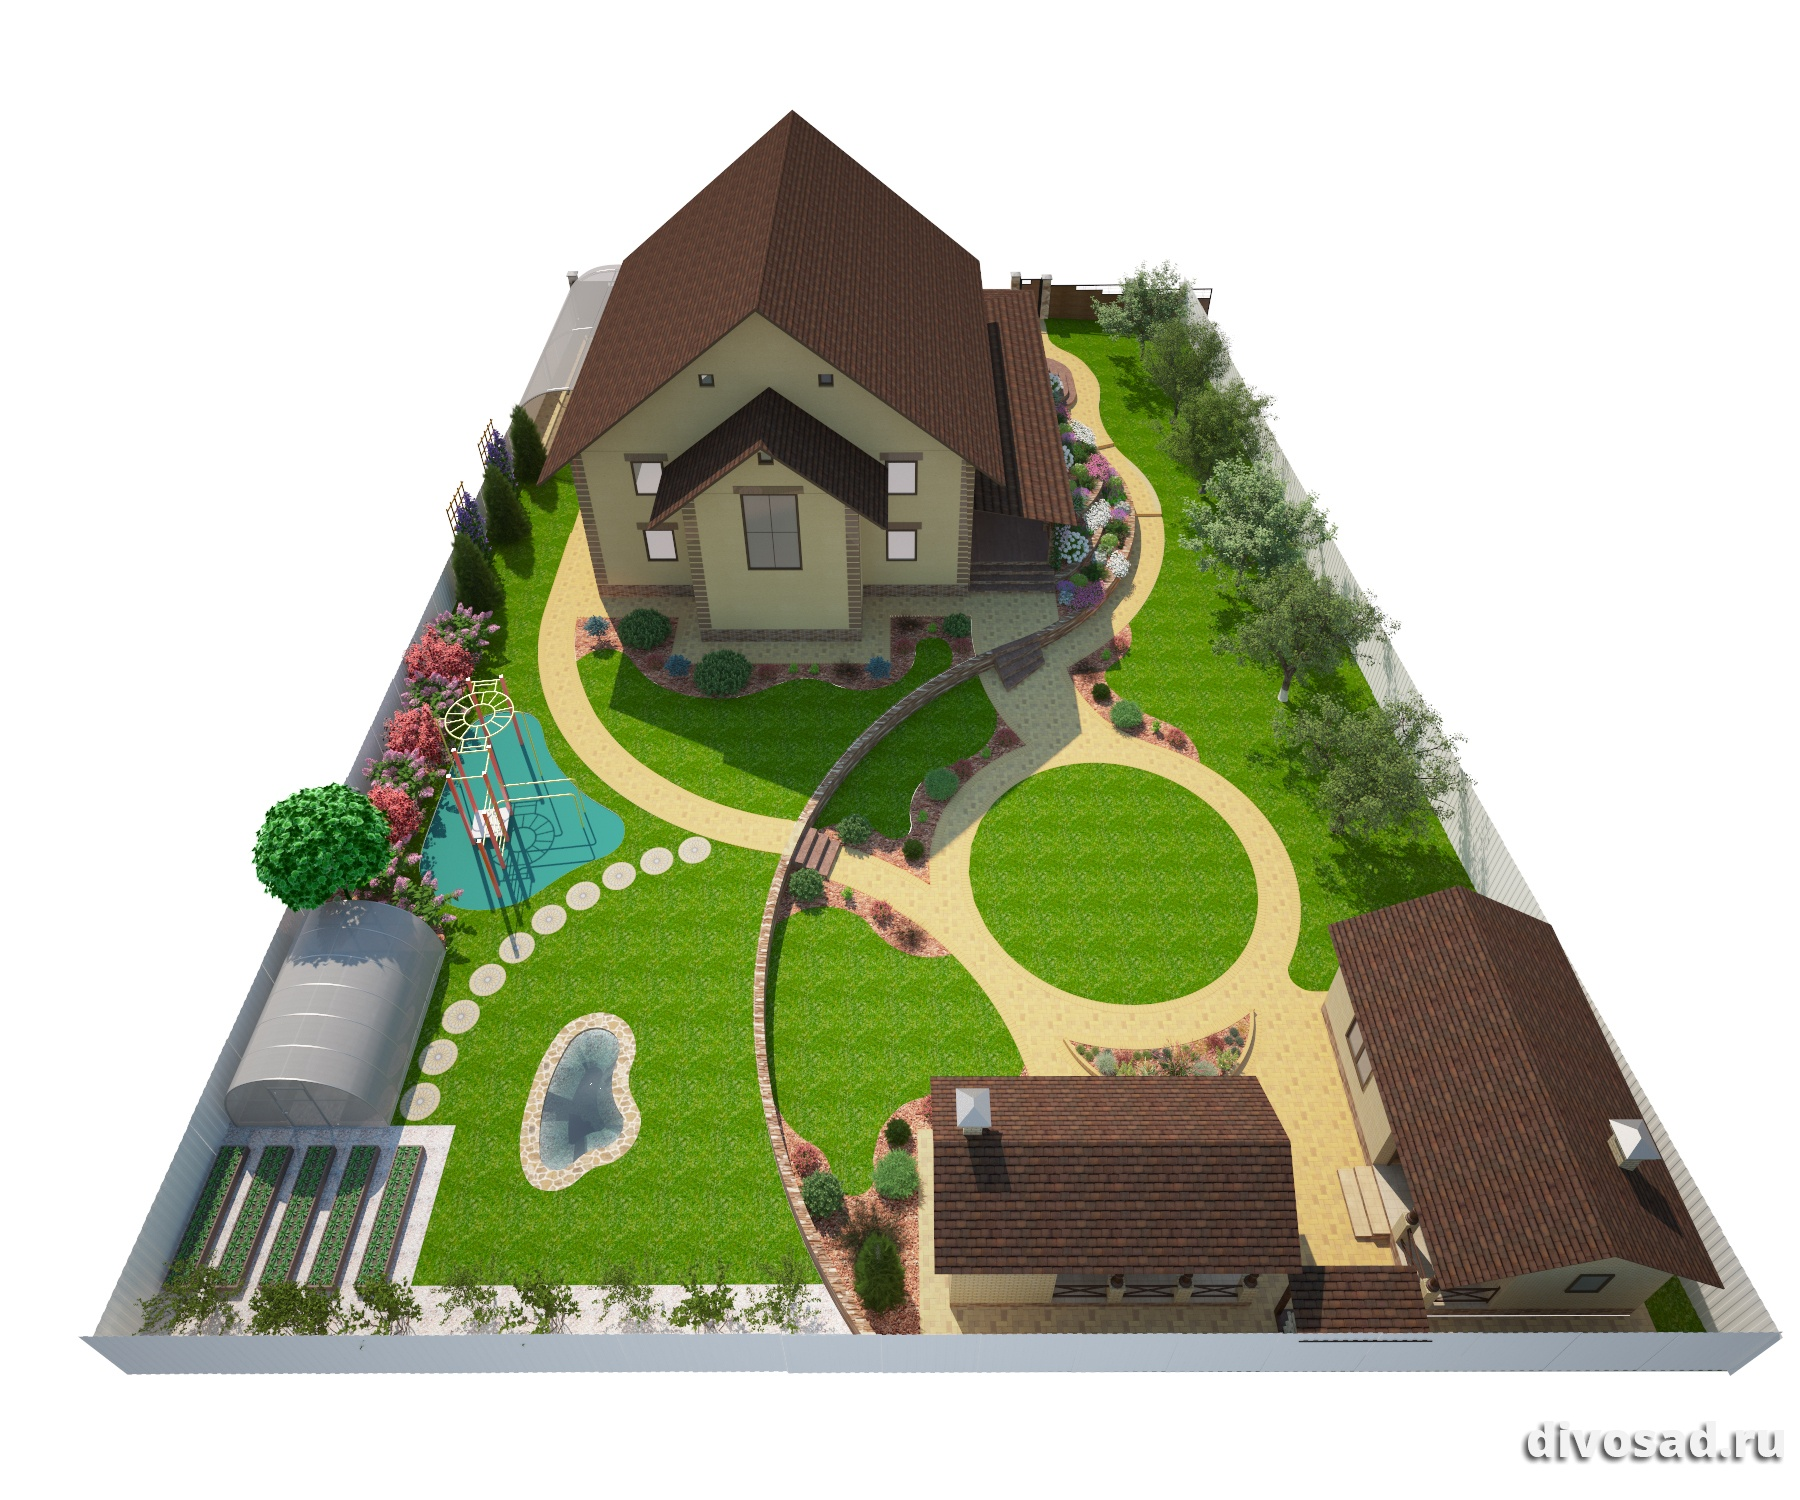 Планировка участка — пошаговая инструкция обустройства и оформления дома!